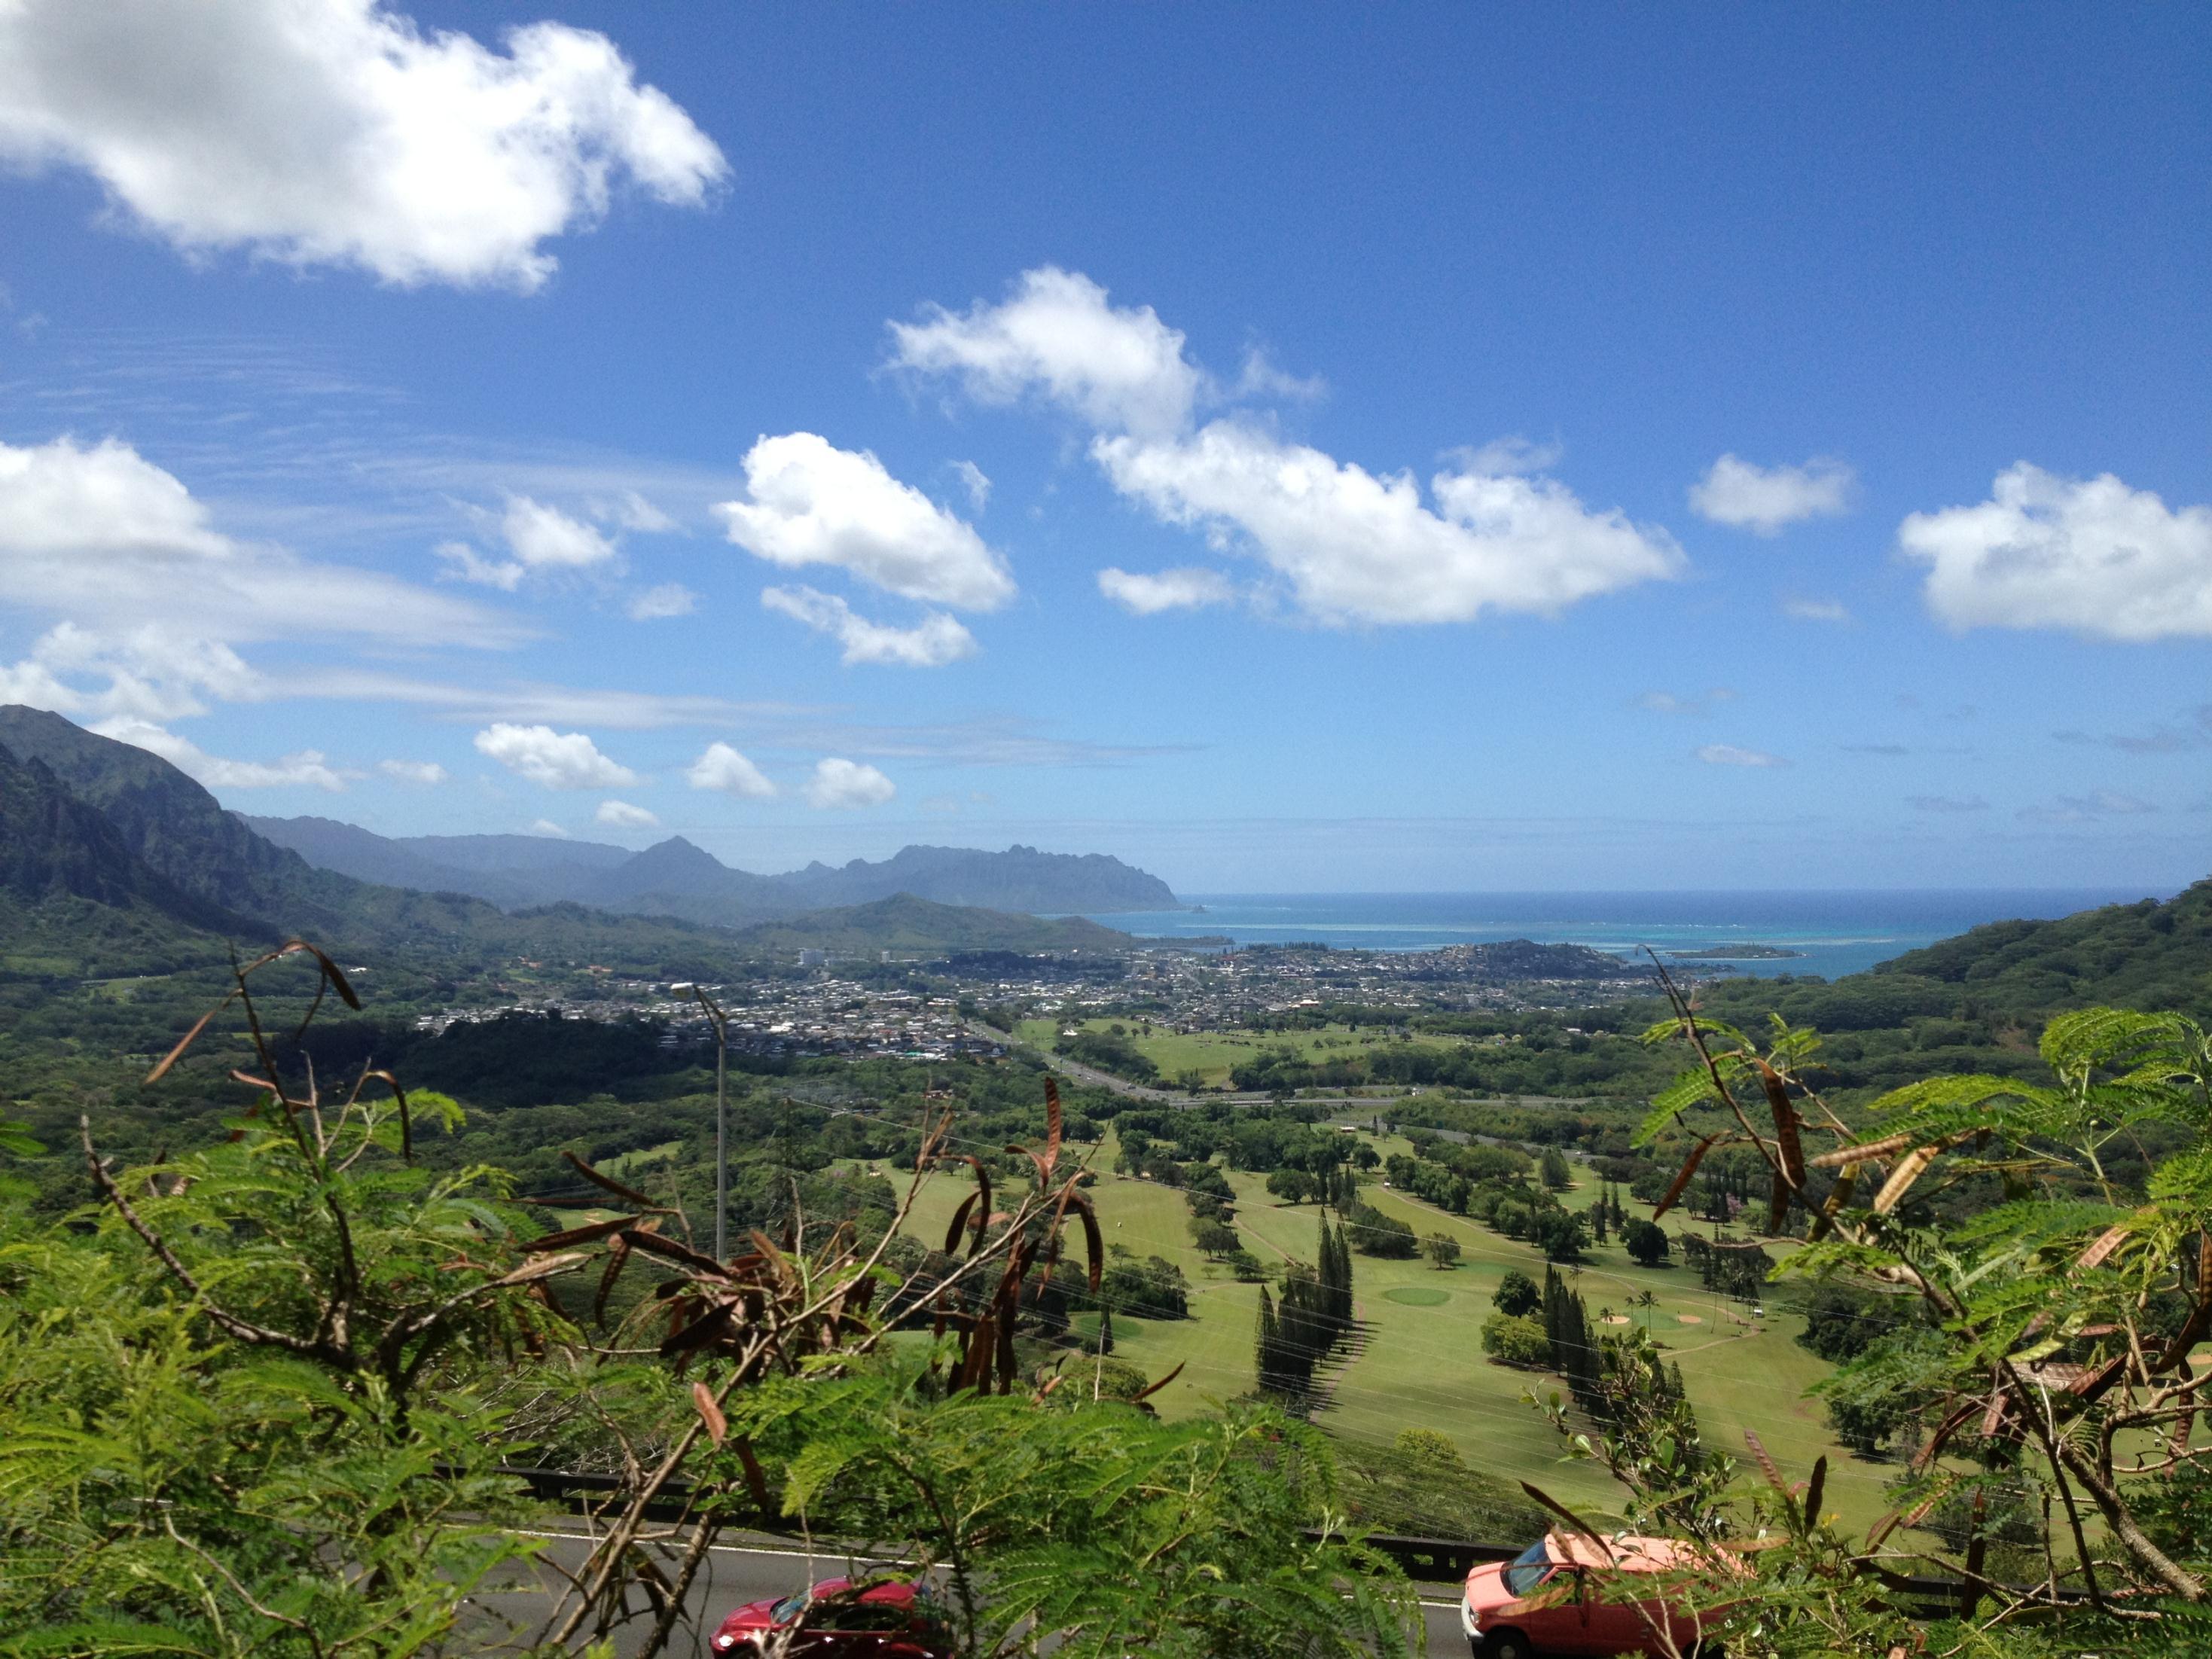 驚呆了!居然夏威夷這里一百多年前不是沙灘